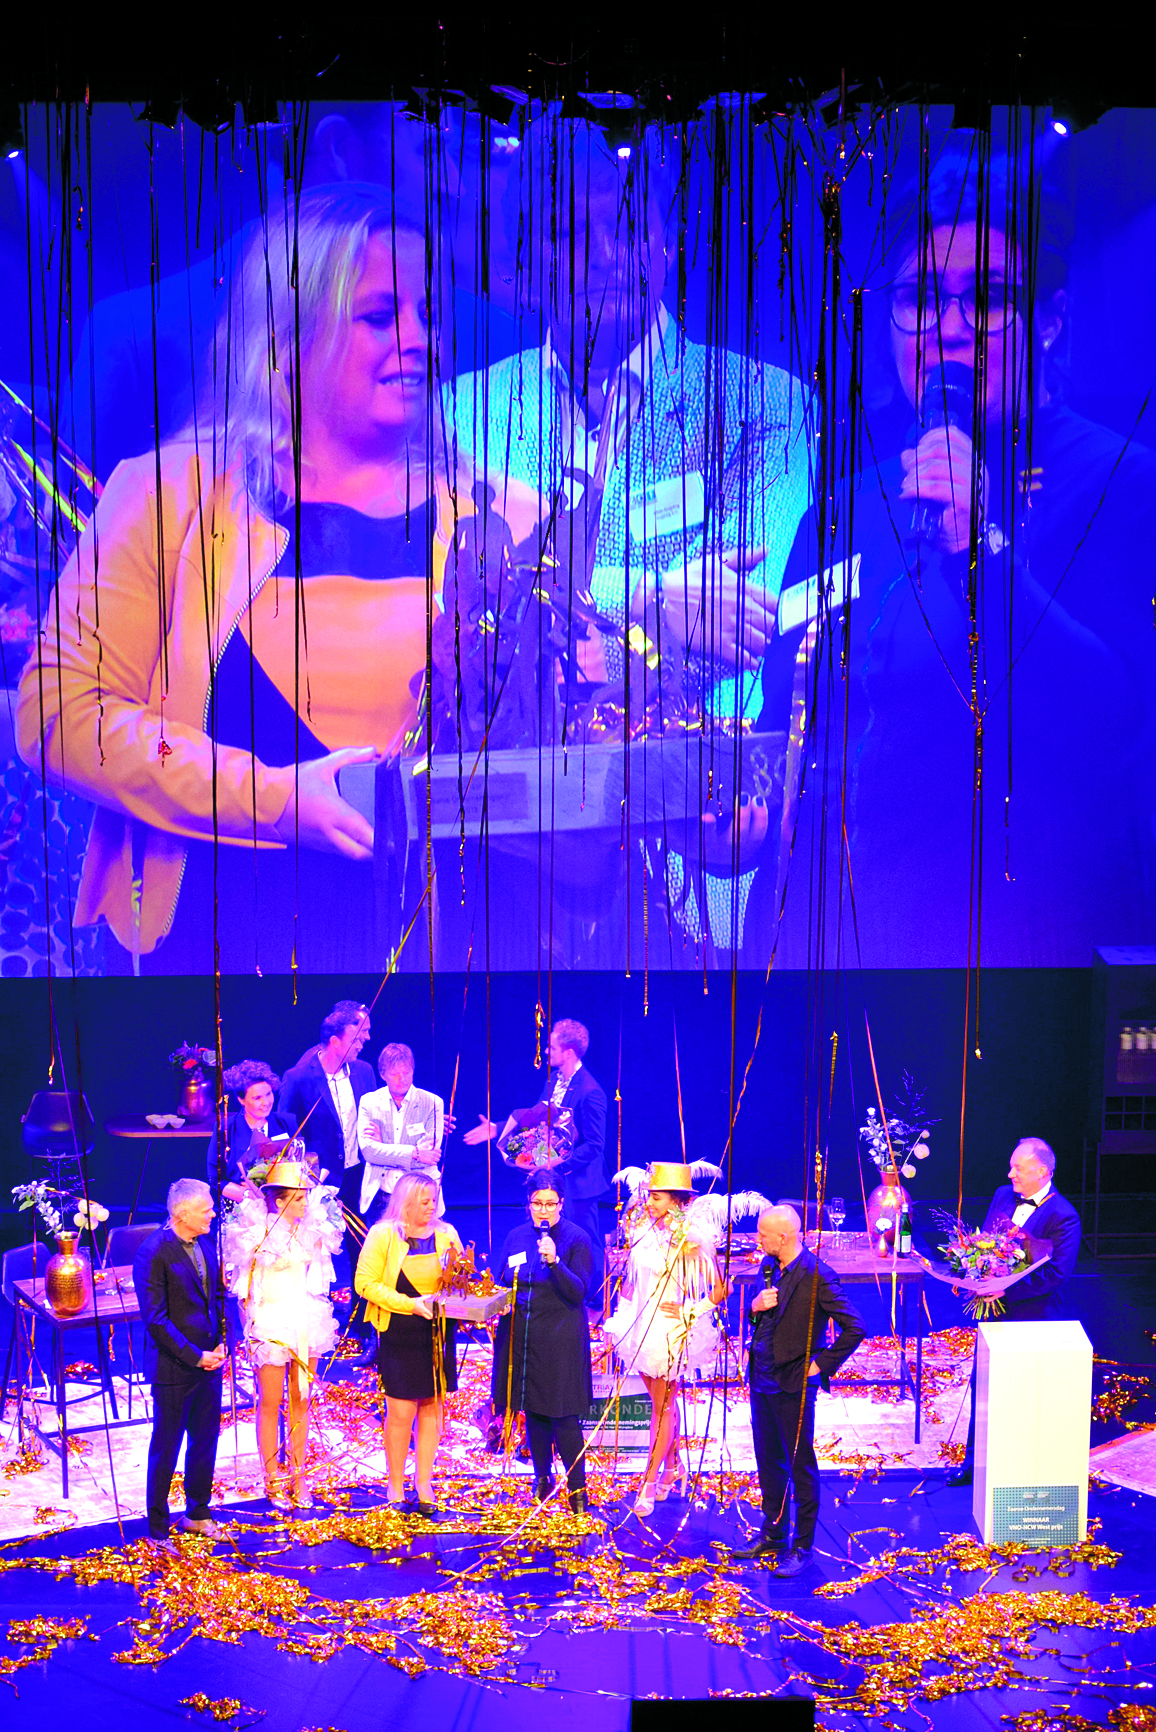 Winnaars Directeur Mandy Beets (met microfoon) en manager tussen de feestslingers. (Foto: YvdD/RM)